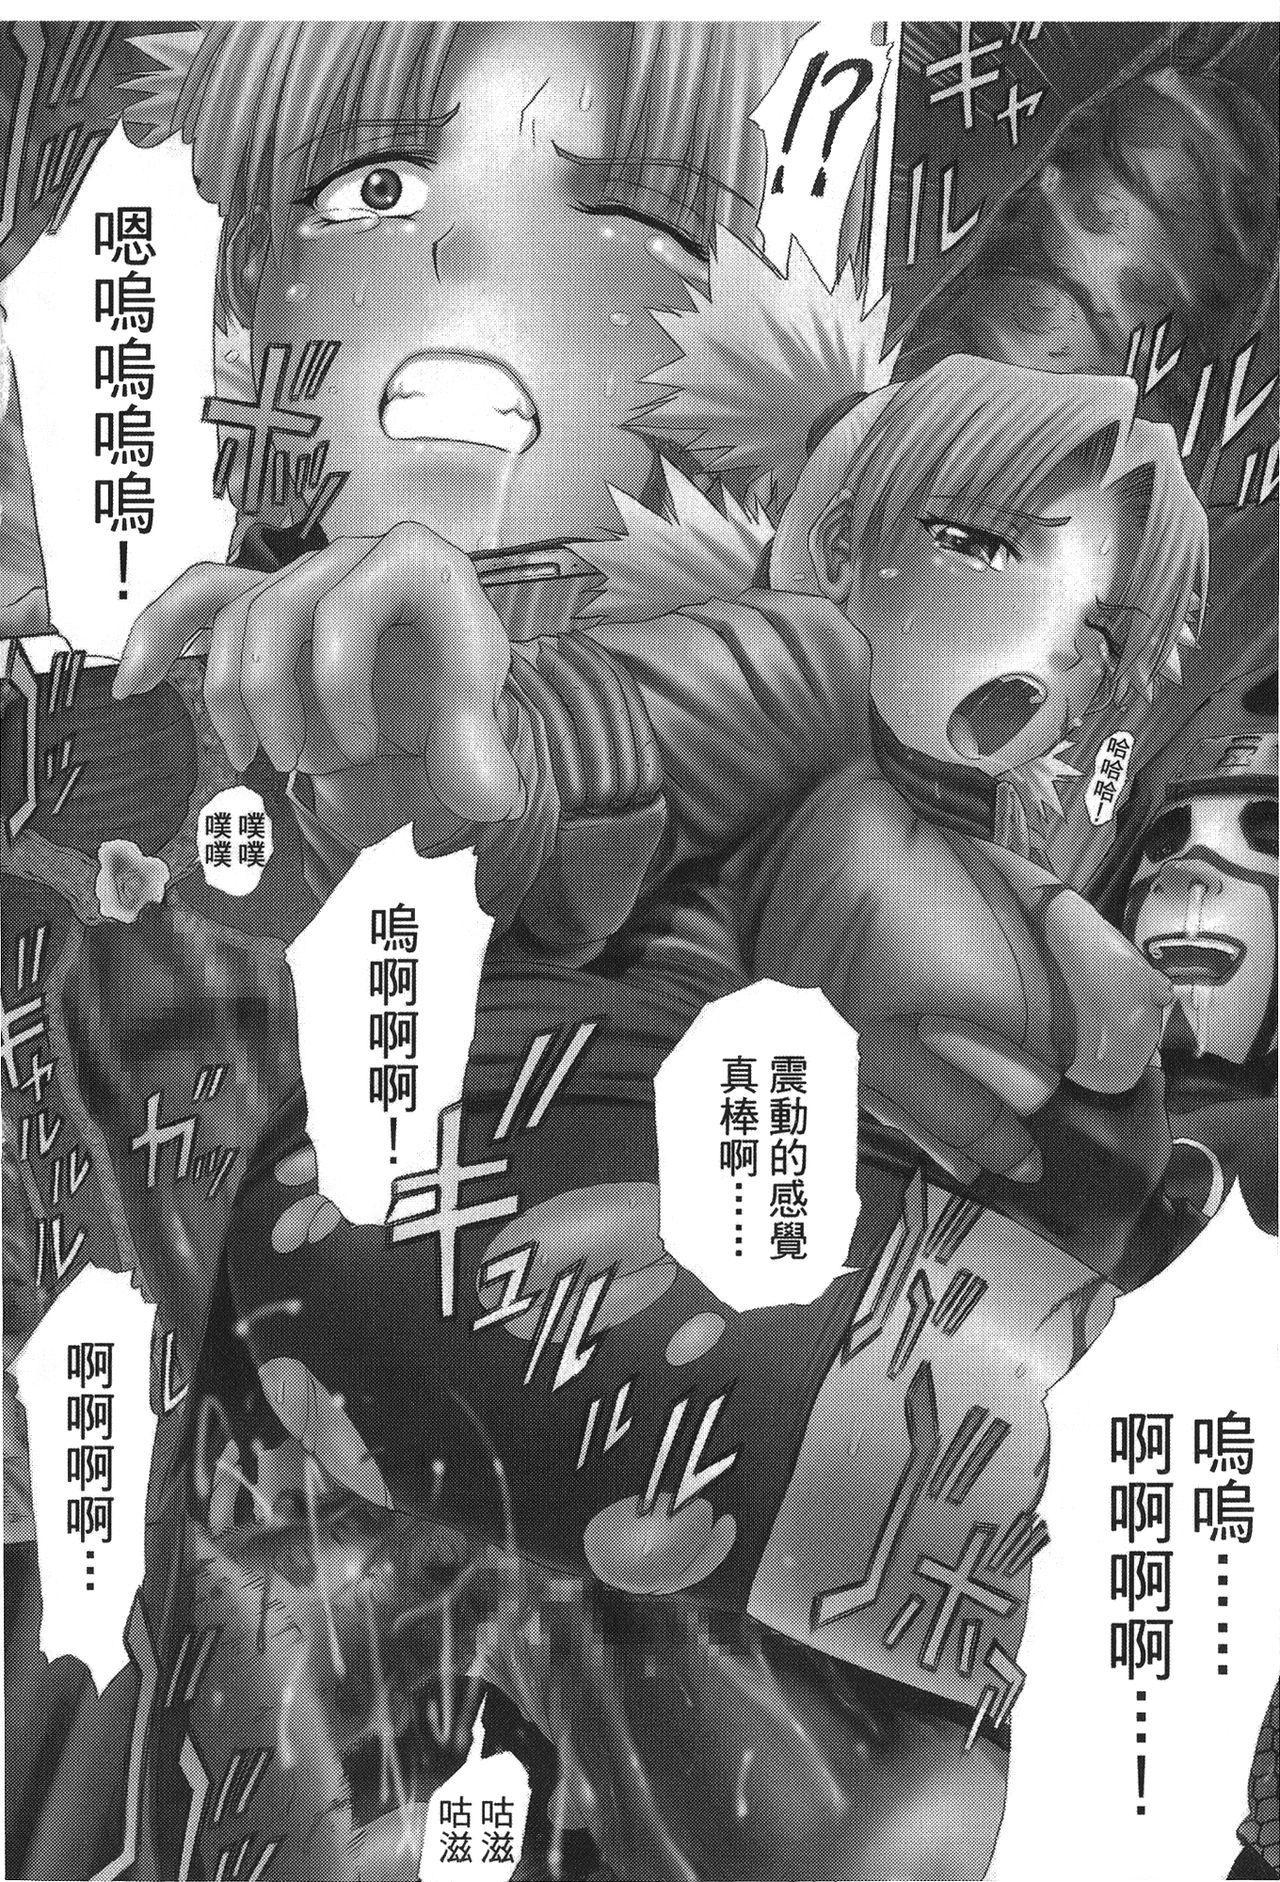 naruto ninja biography vol.02 90